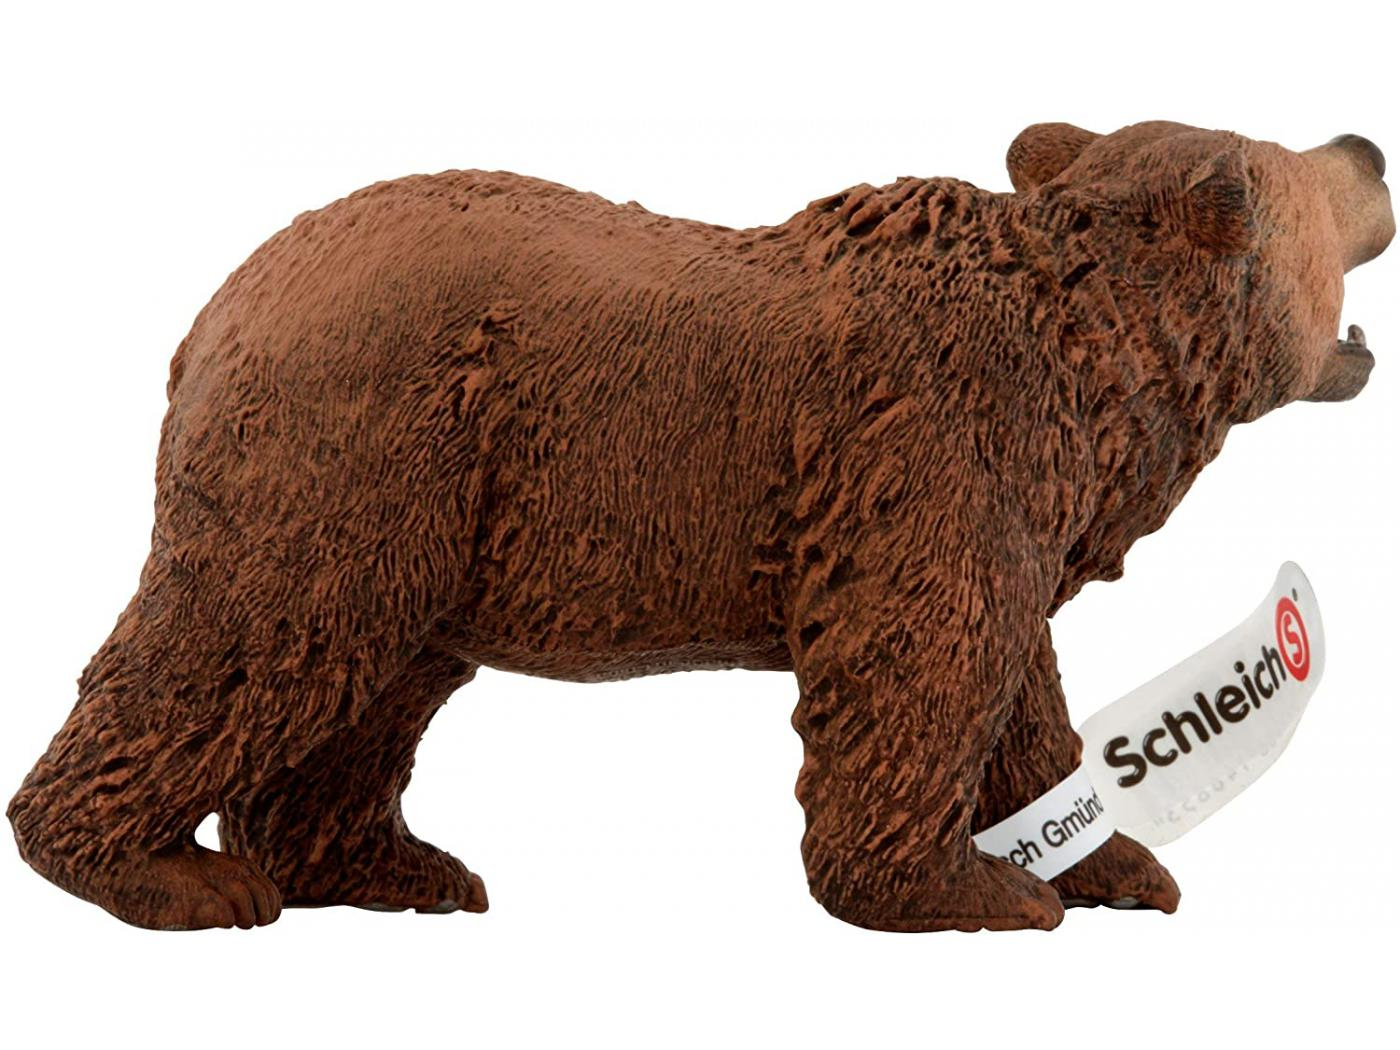 SHL14685 Figurine de l/'univers des animaux sauvages Ours Grizzly